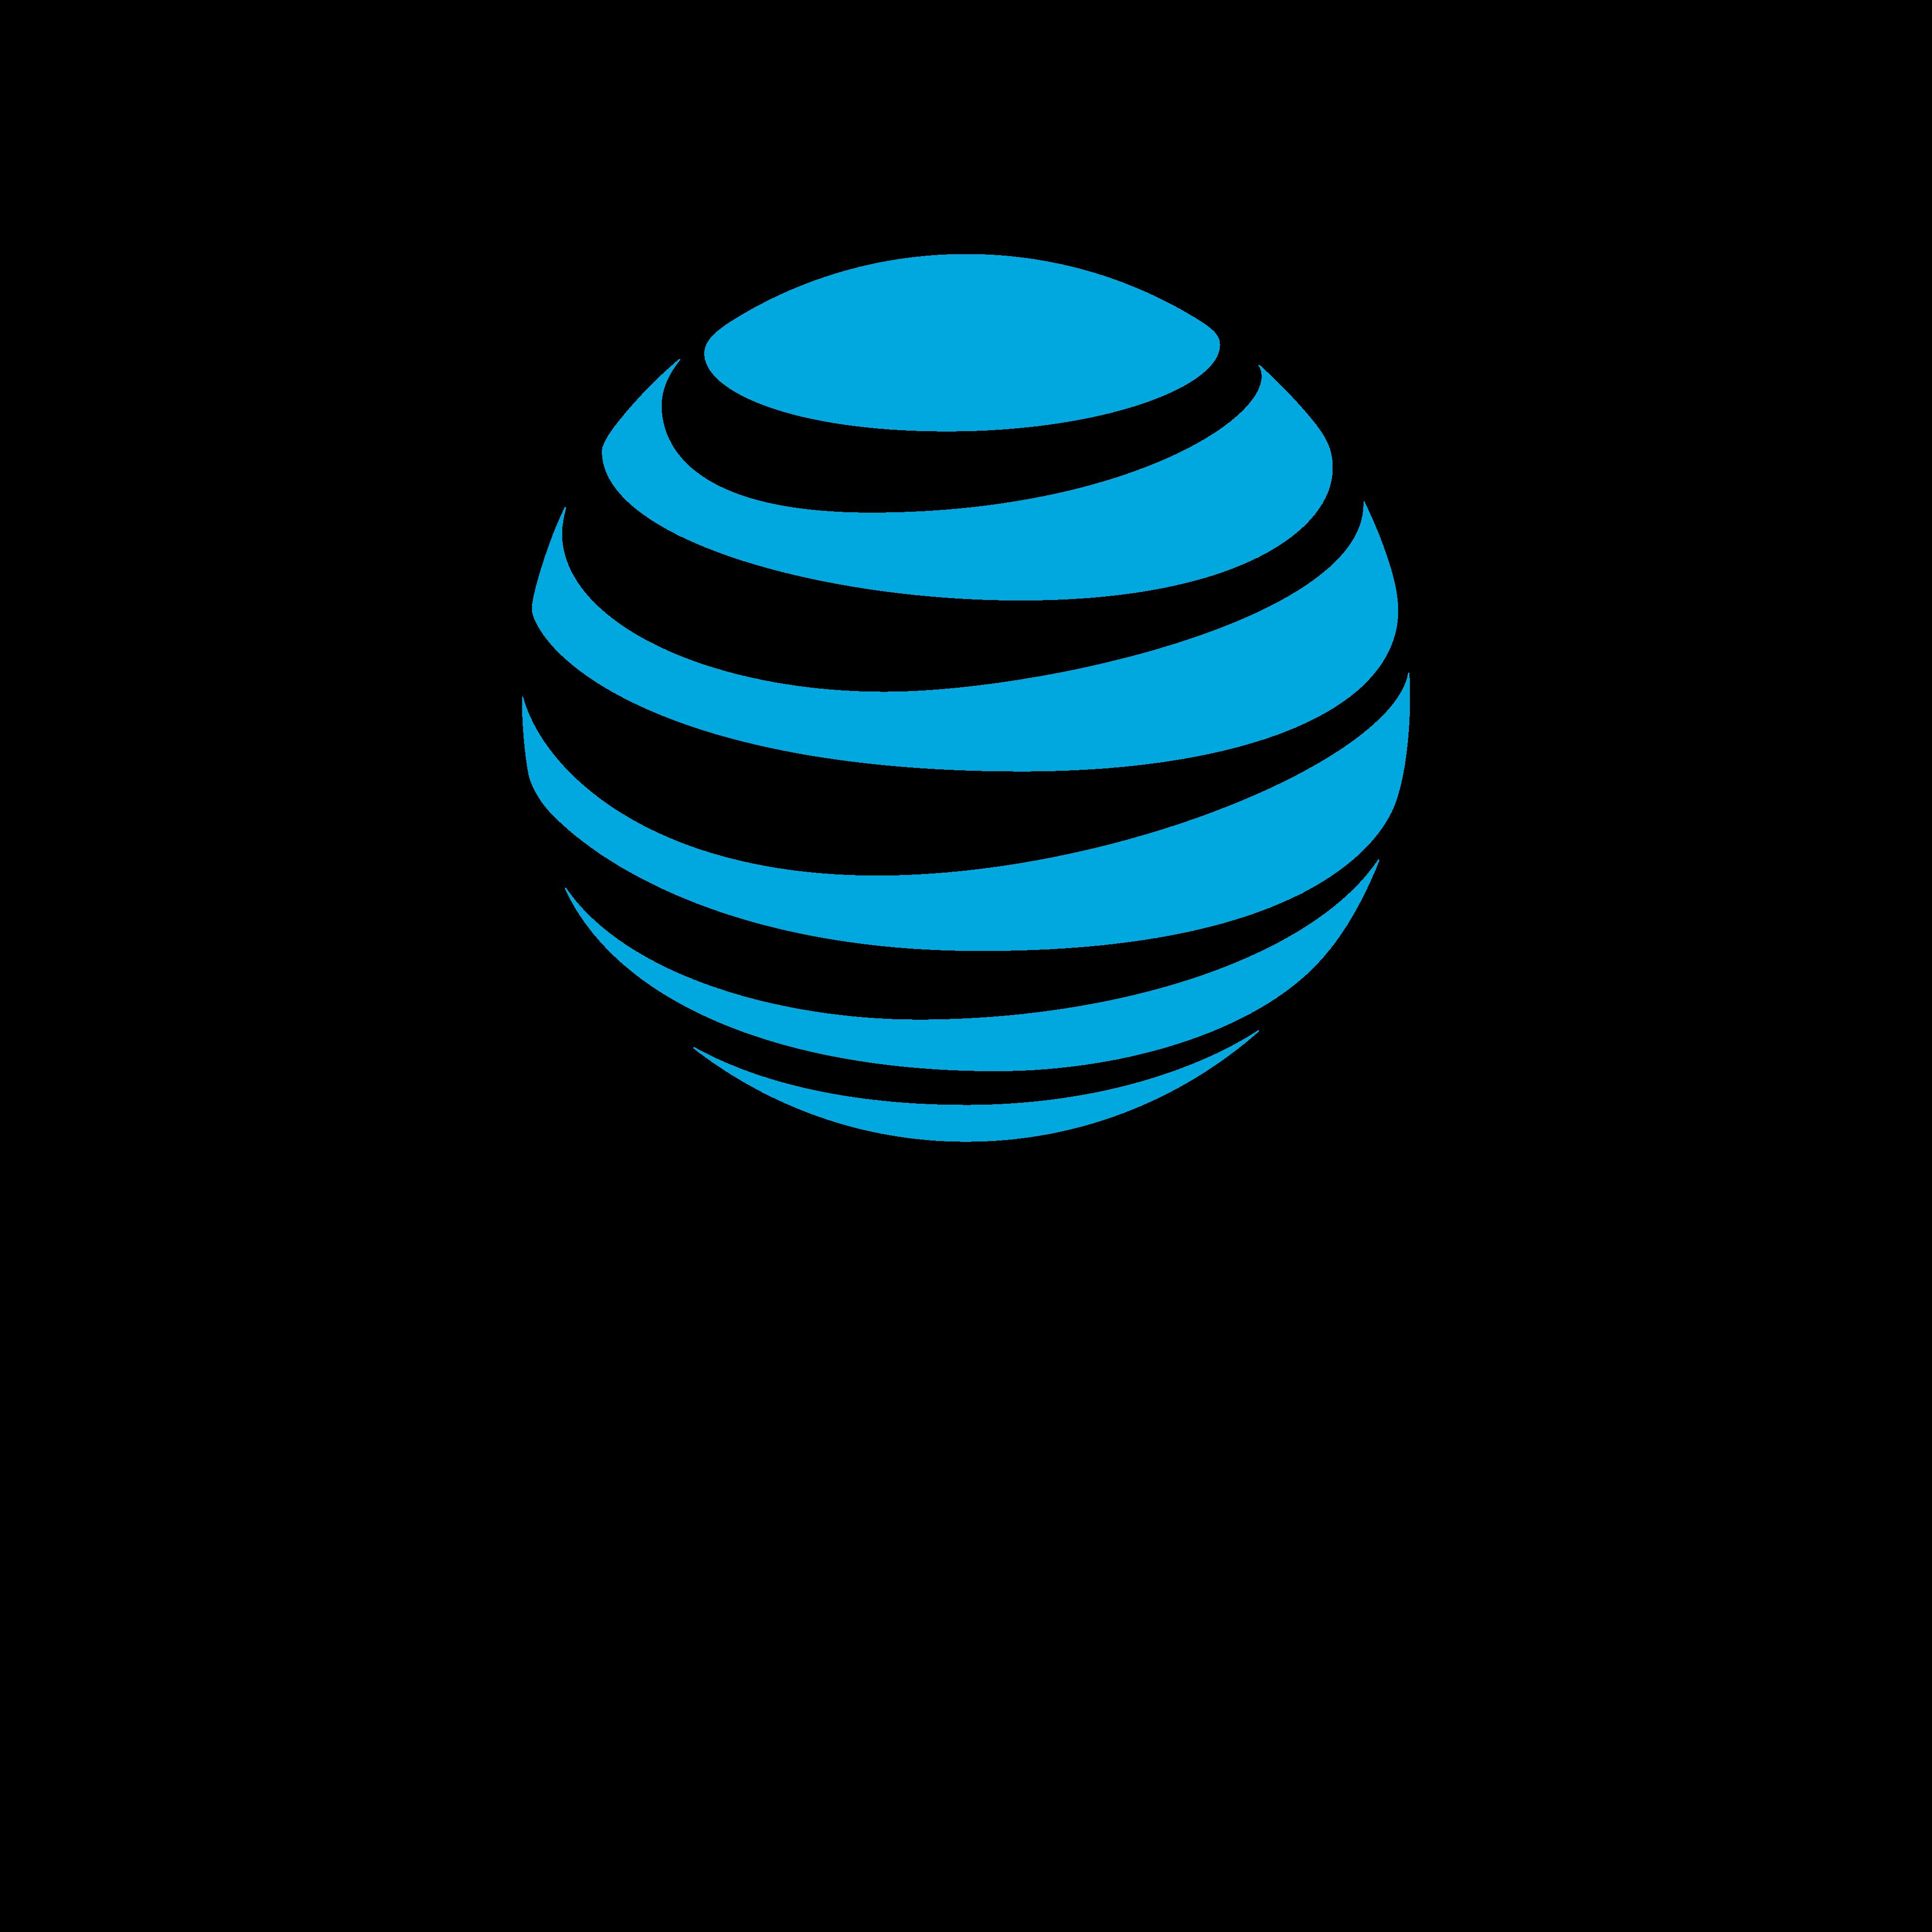 att logo 0 - AT&T Logo